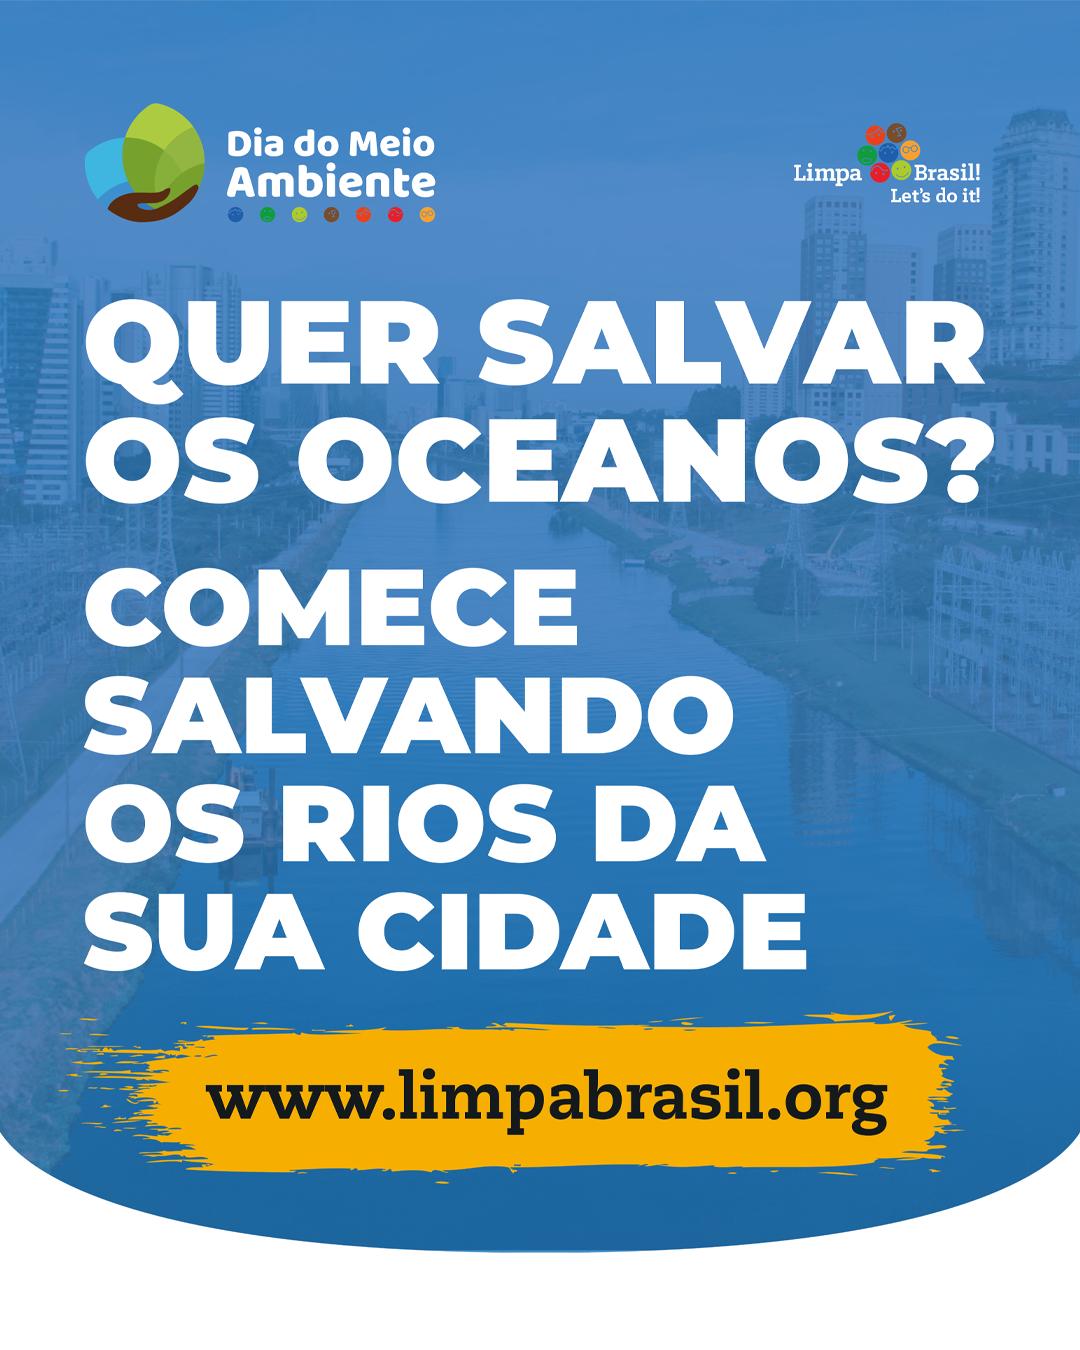 Dia Mundial do Meio Ambiente e Oceanos